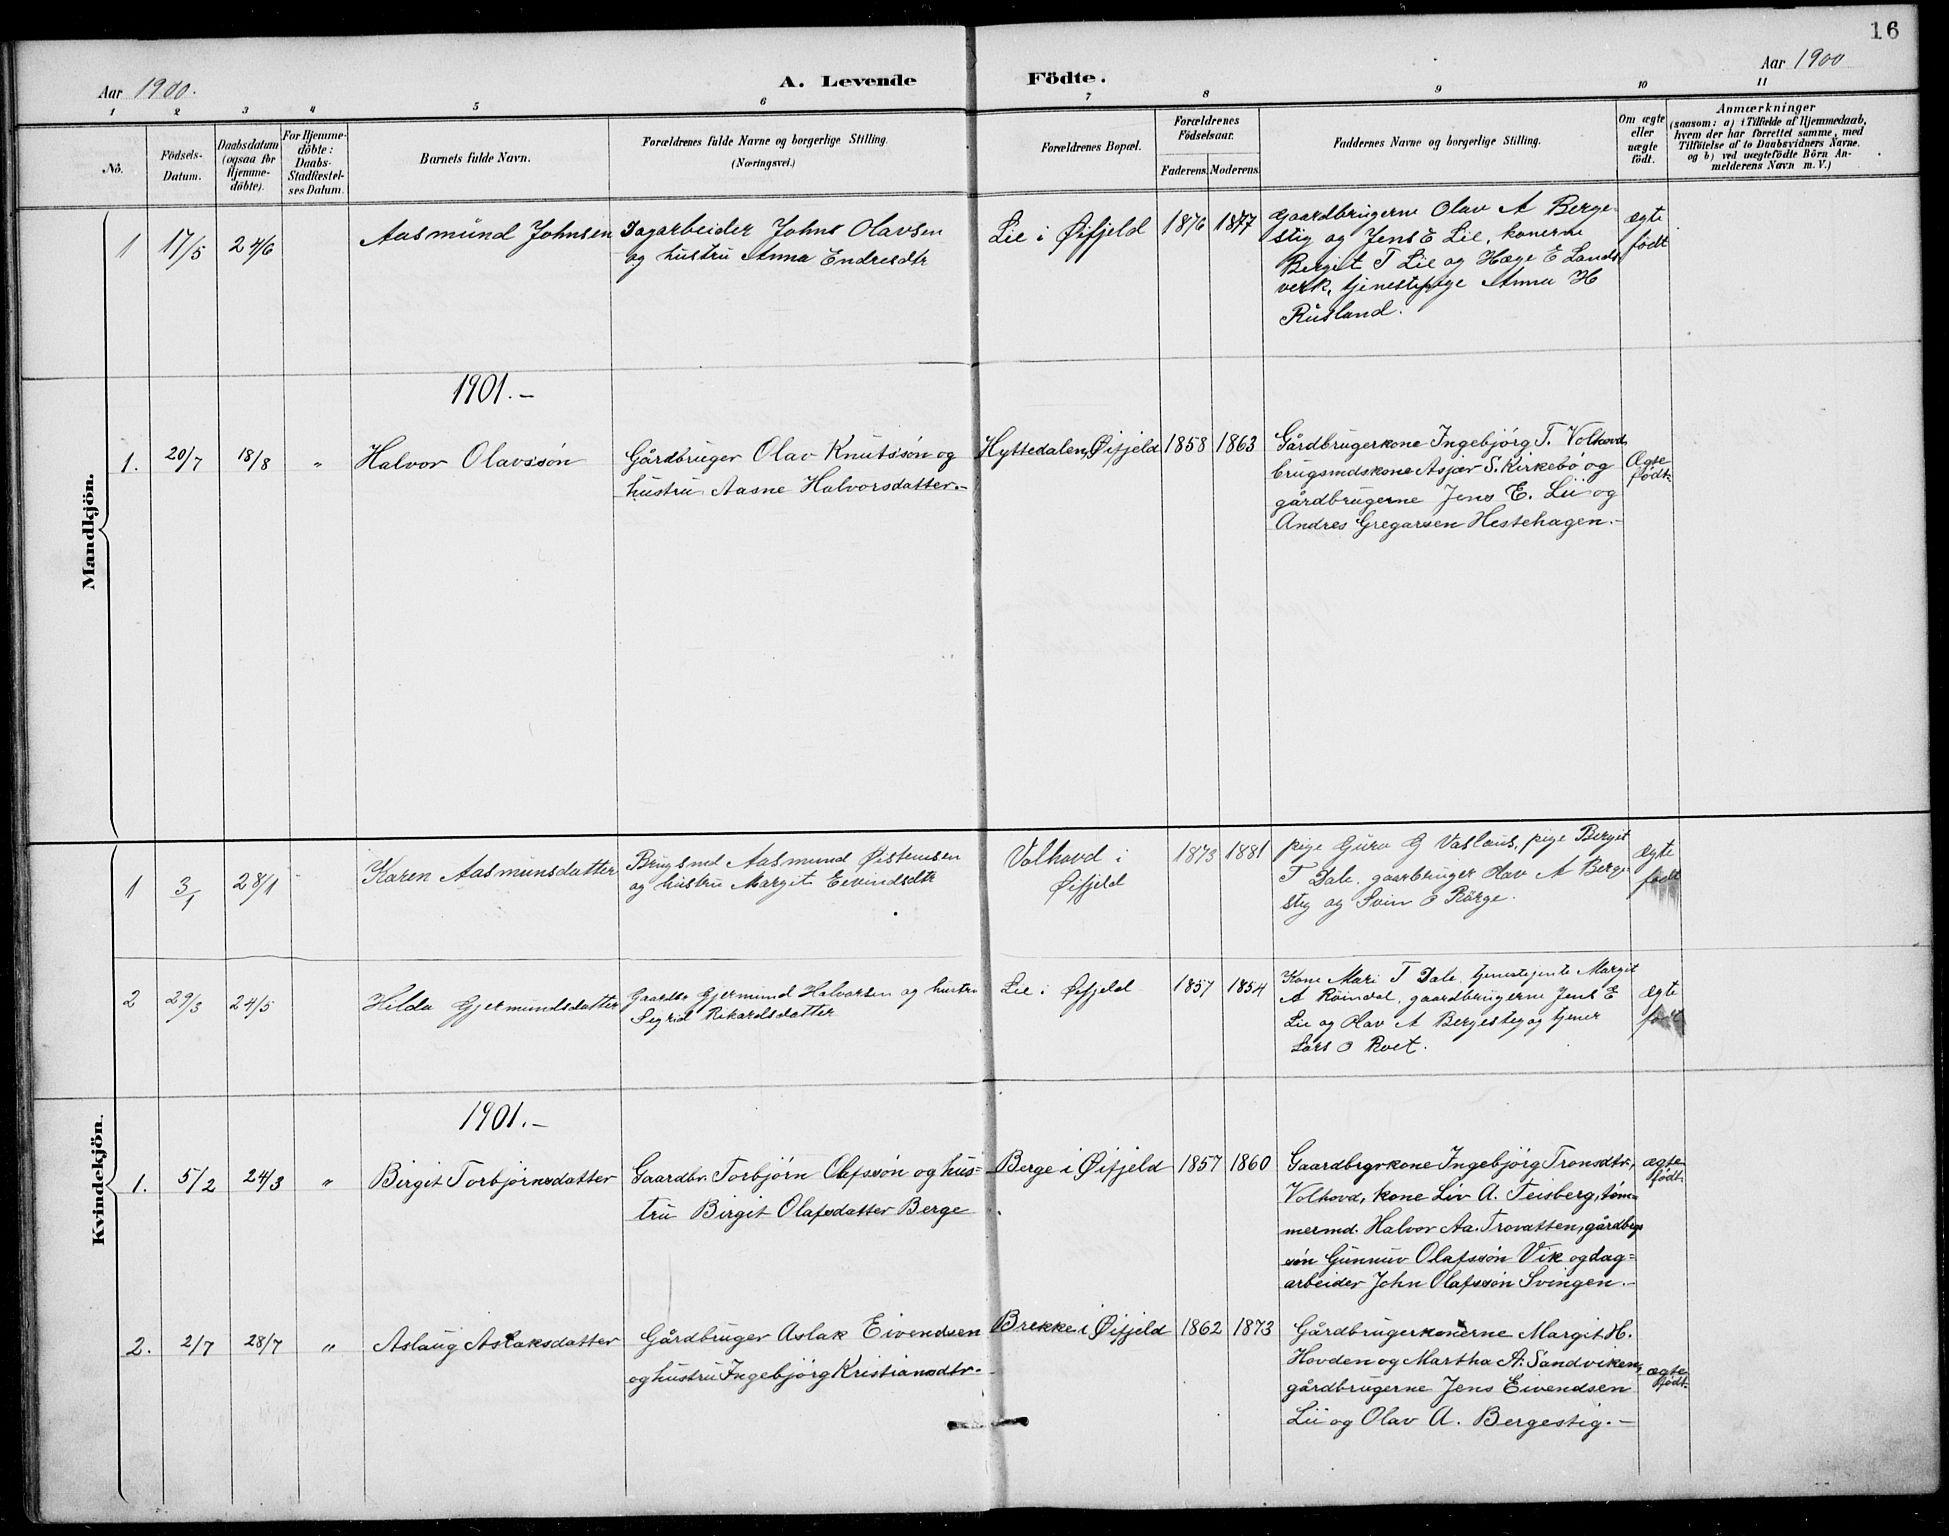 SAKO, Rauland kirkebøker, G/Gb/L0002: Klokkerbok nr. II 2, 1887-1937, s. 16